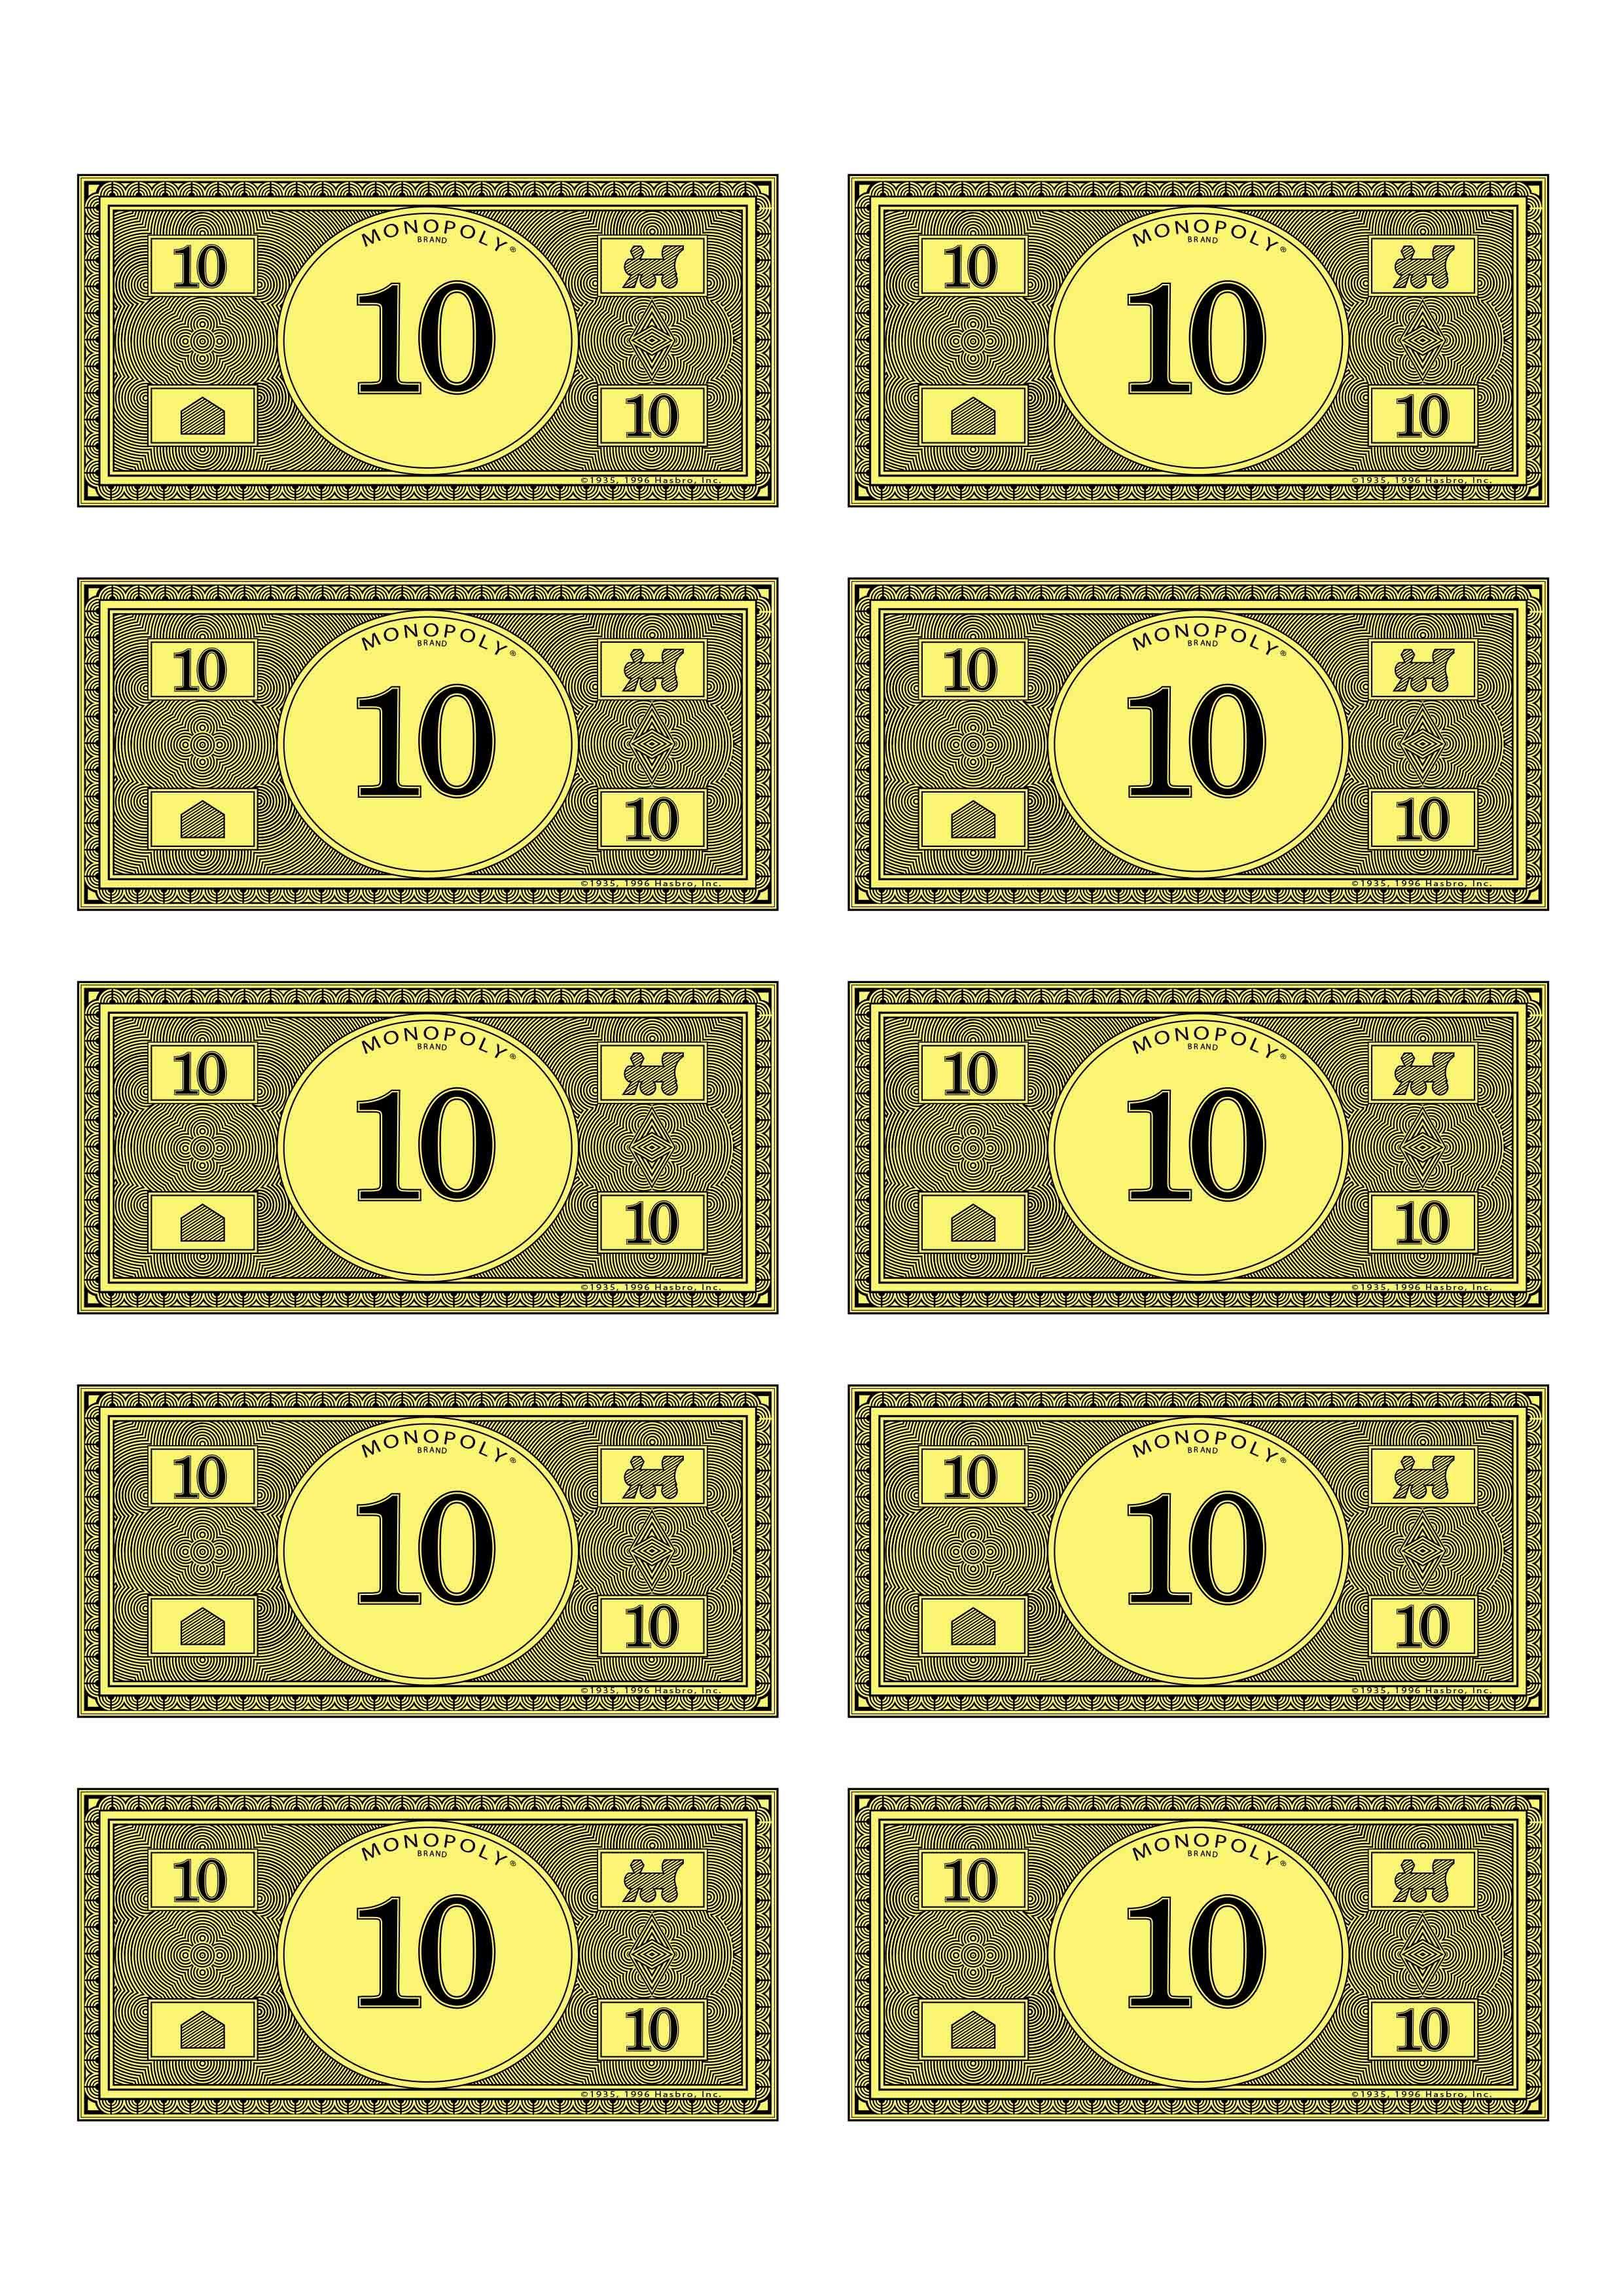 Monopoly Money 10